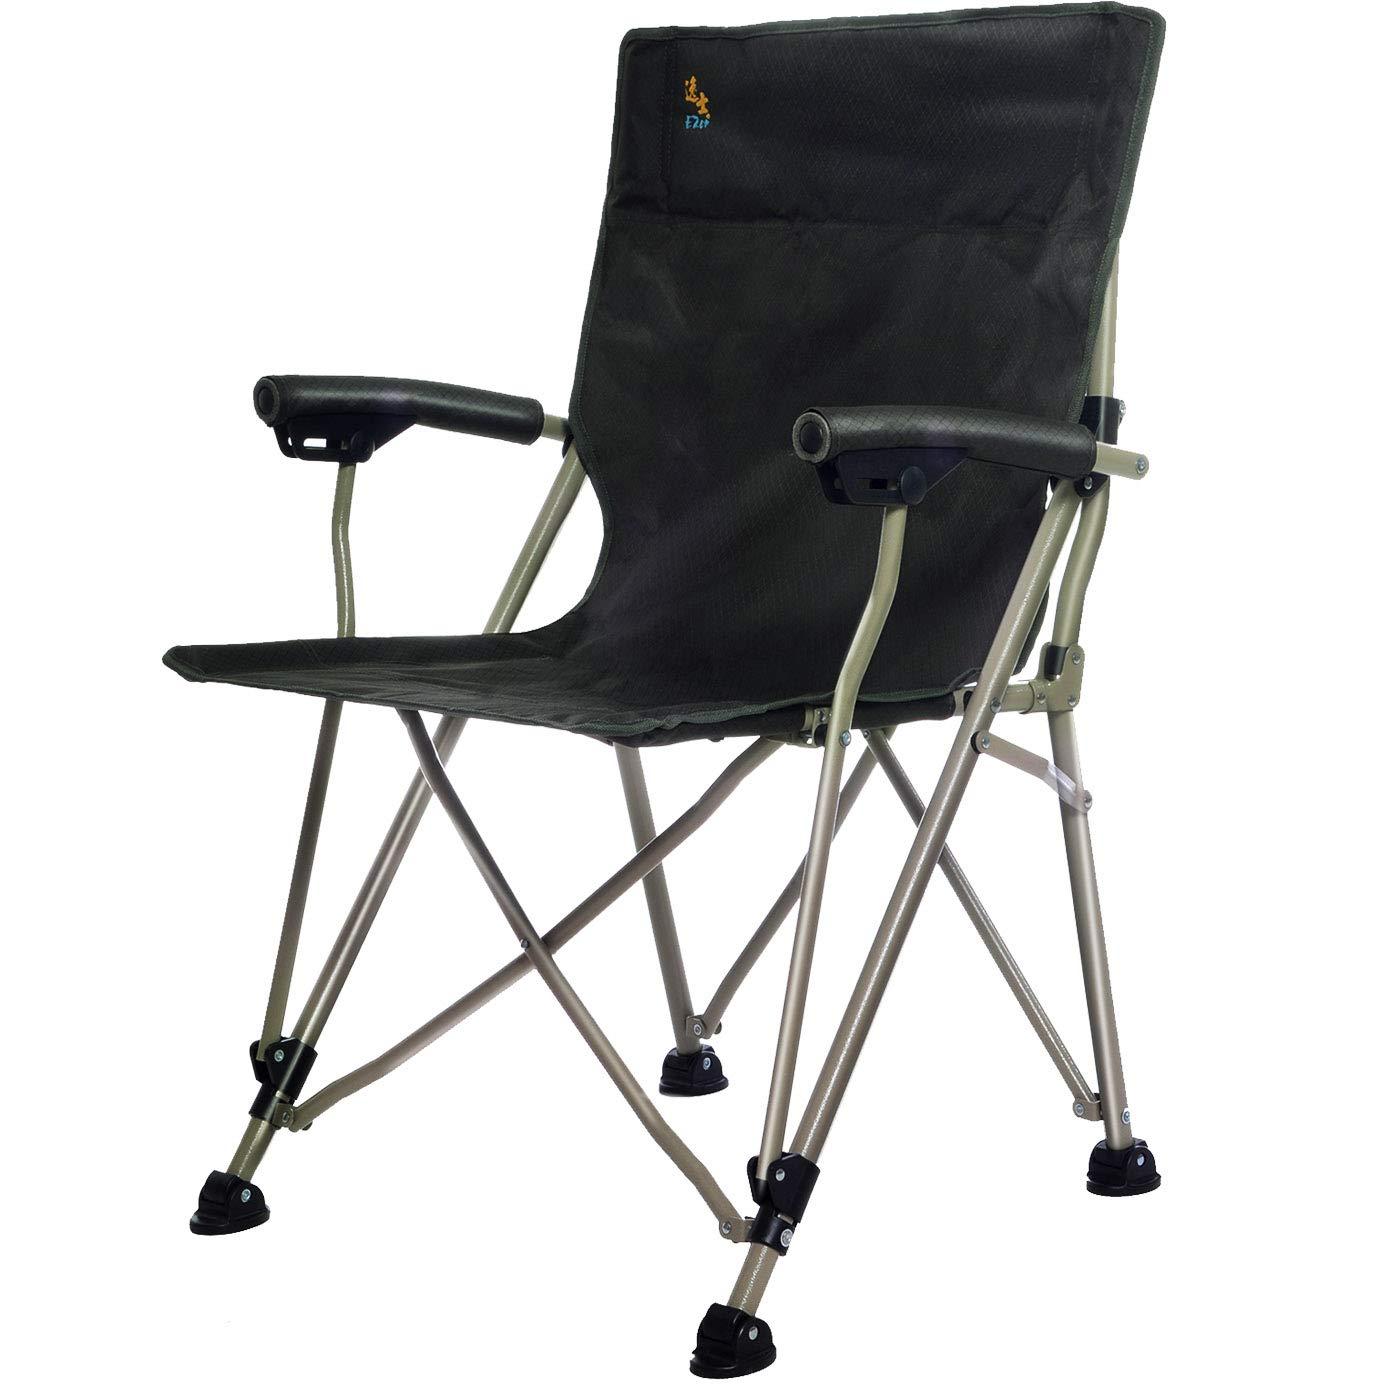 屋外折りたたみ椅子超軽量ポータブル釣り椅子シンプルなポータブル釣り椅子屋外チェア (色 : 黒) B07NP1N664 黒